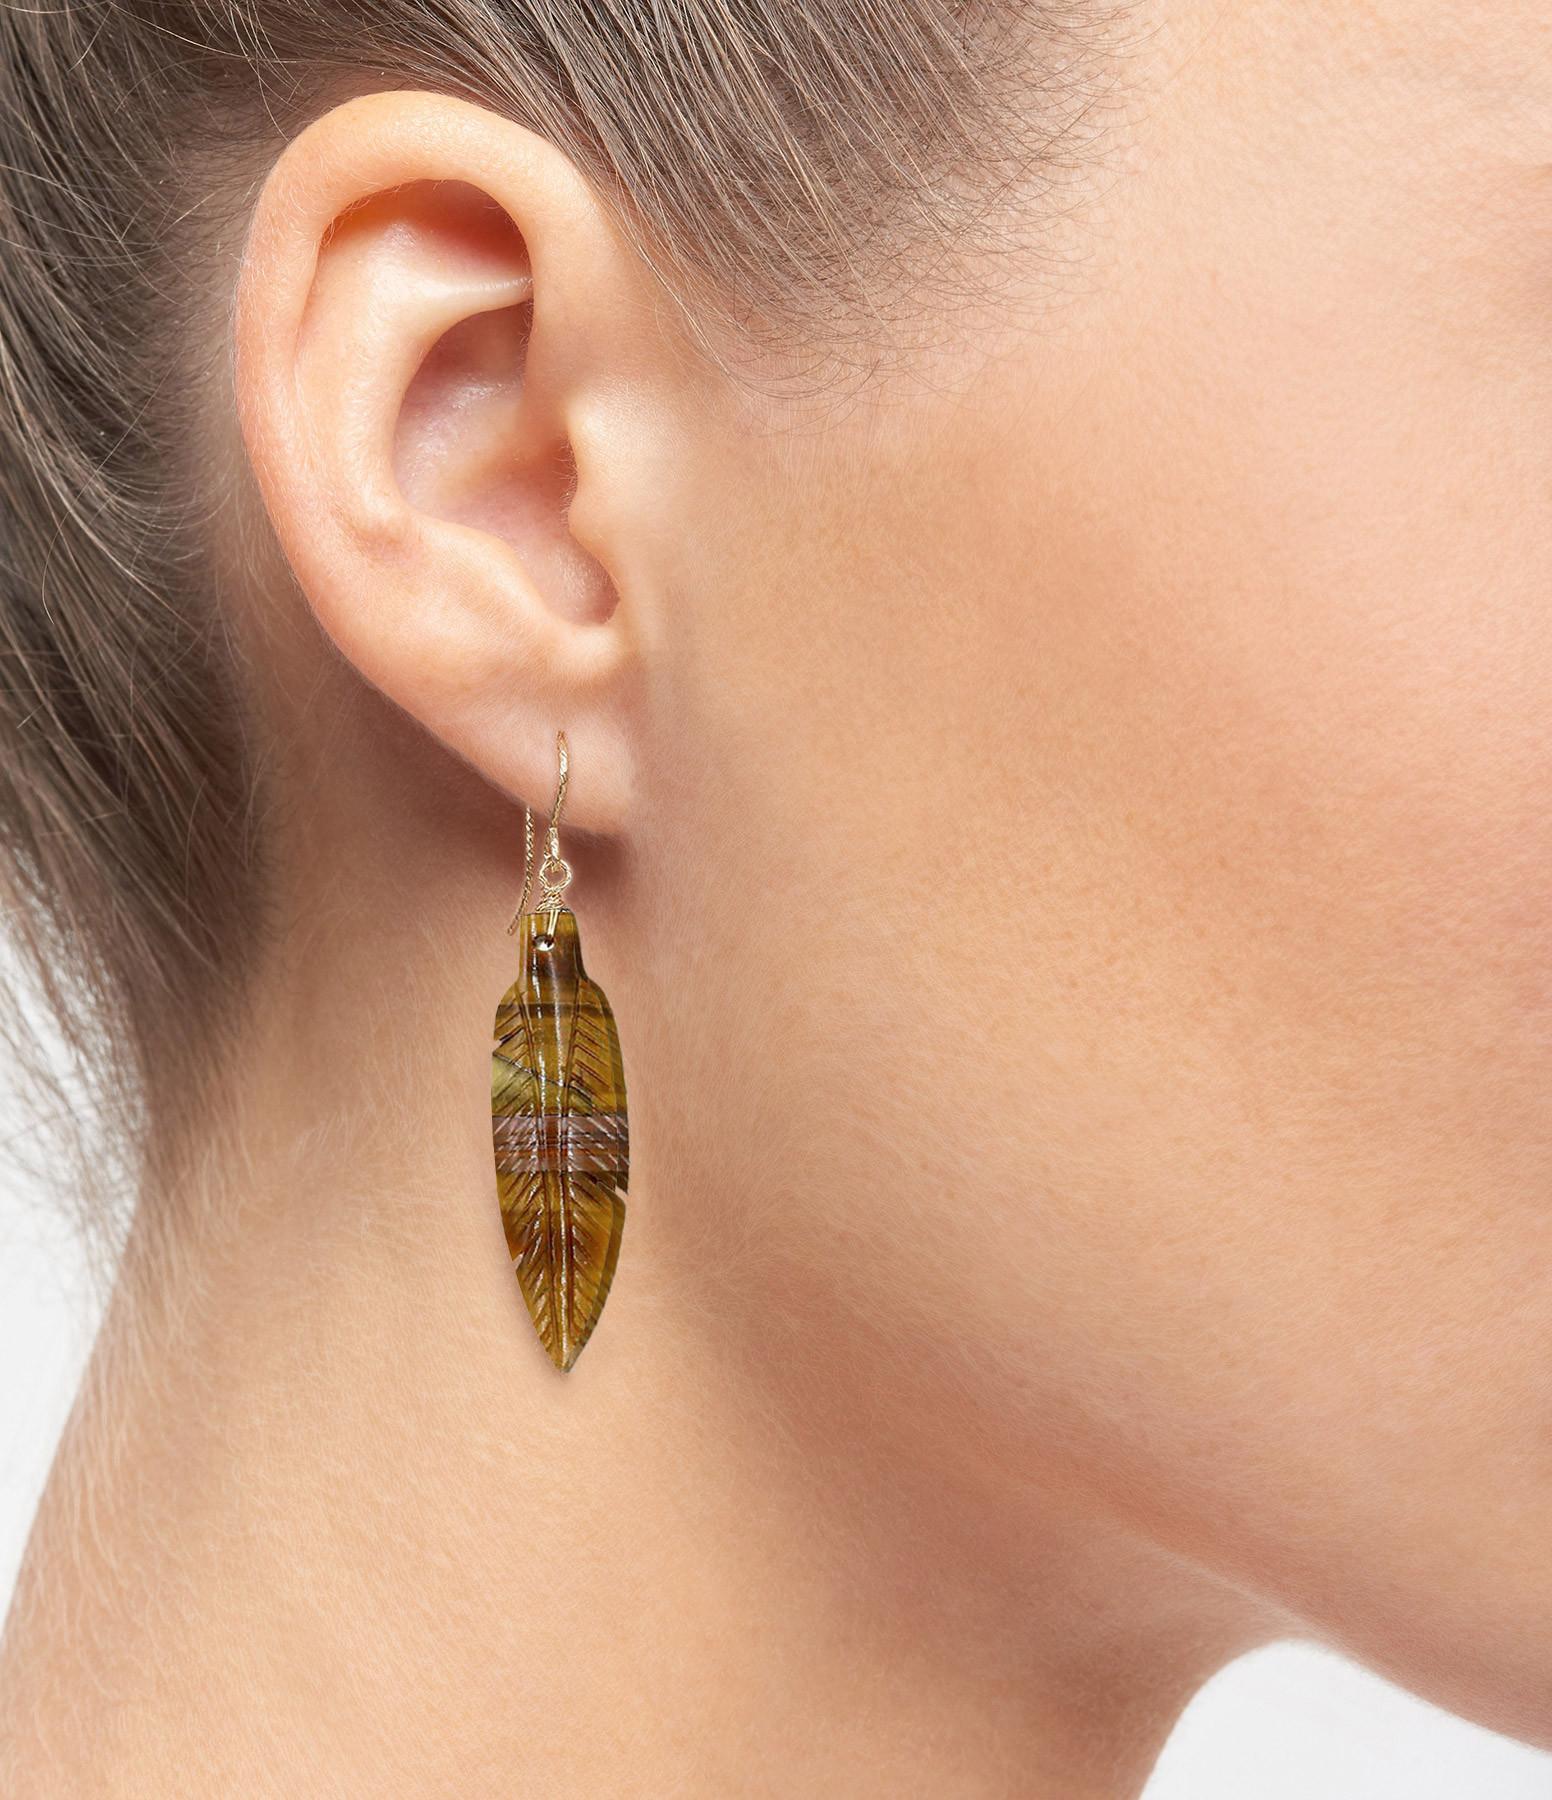 MON PRECIEUX GEM - Boucle d'oreille Plume Oeil de Tigre (vendue à l'unité)